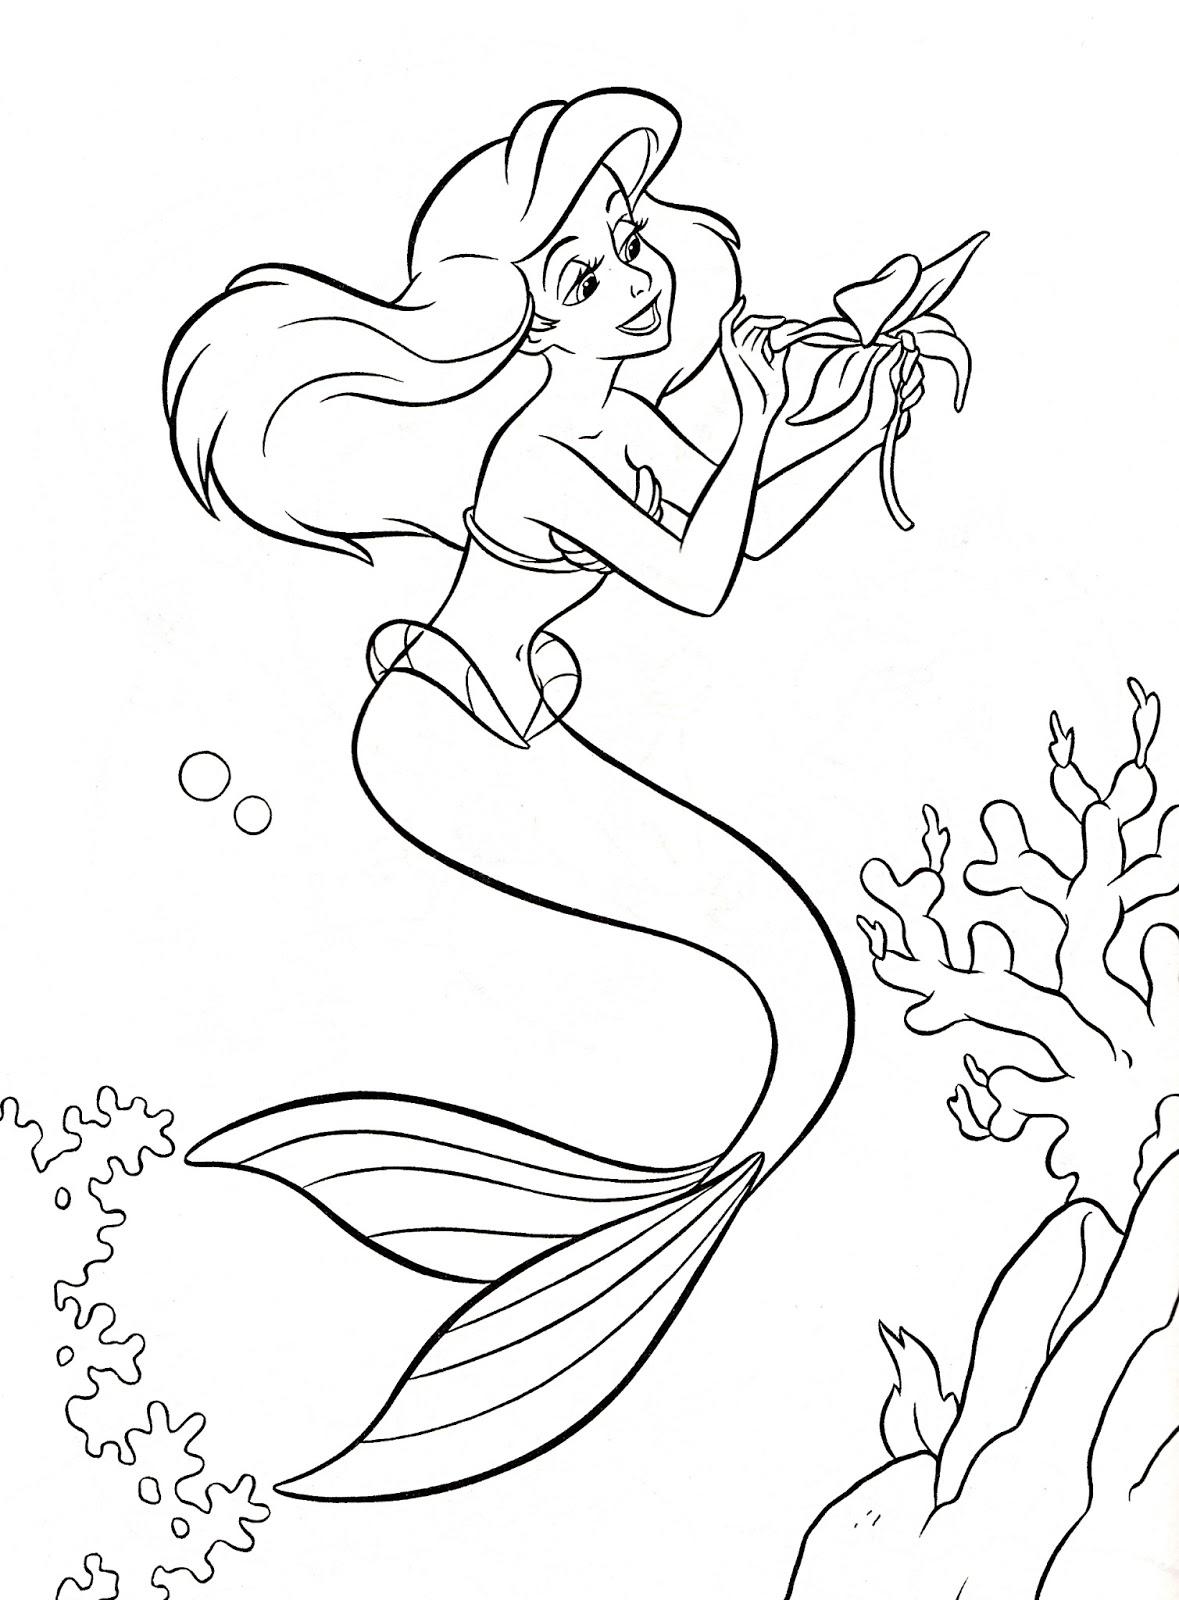 tranh tô màu công chúa blog xây dựng dịch vụ